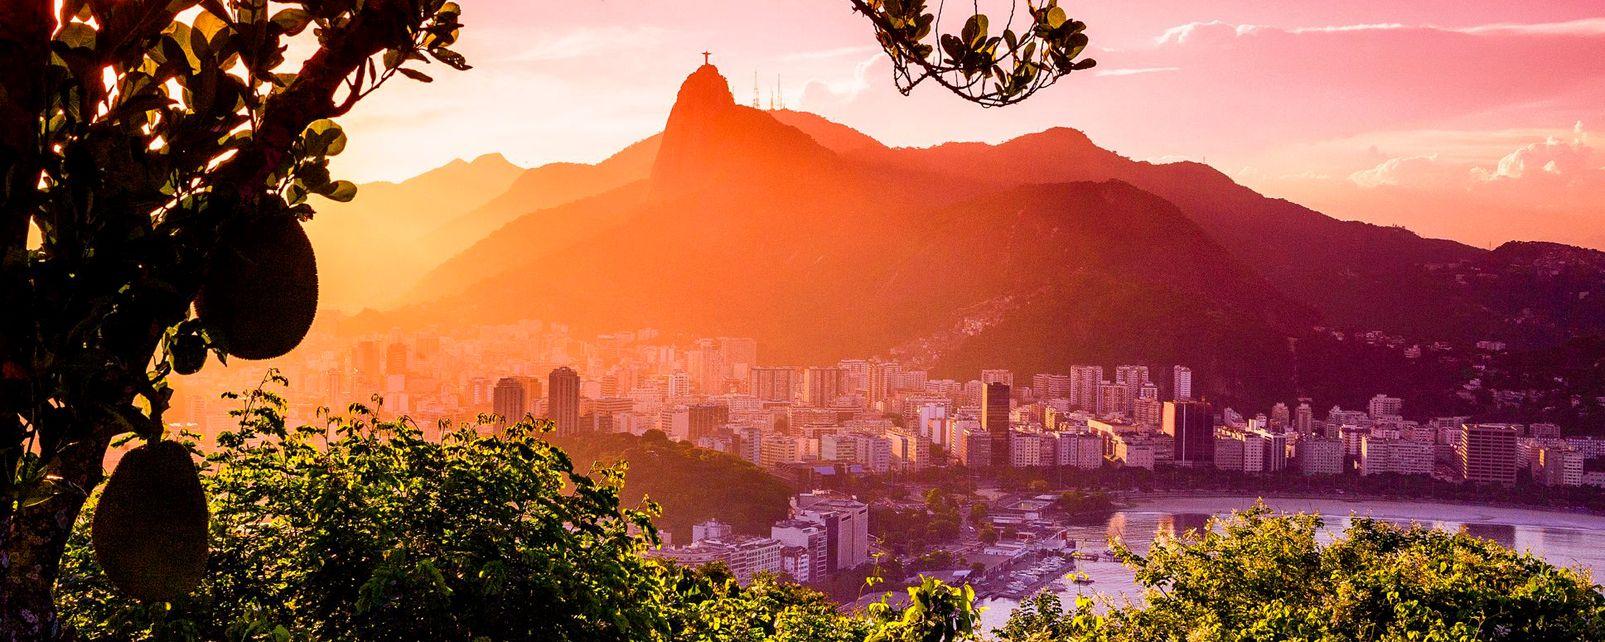 Il Corcovado , La montagna del Corcovado , Brasile